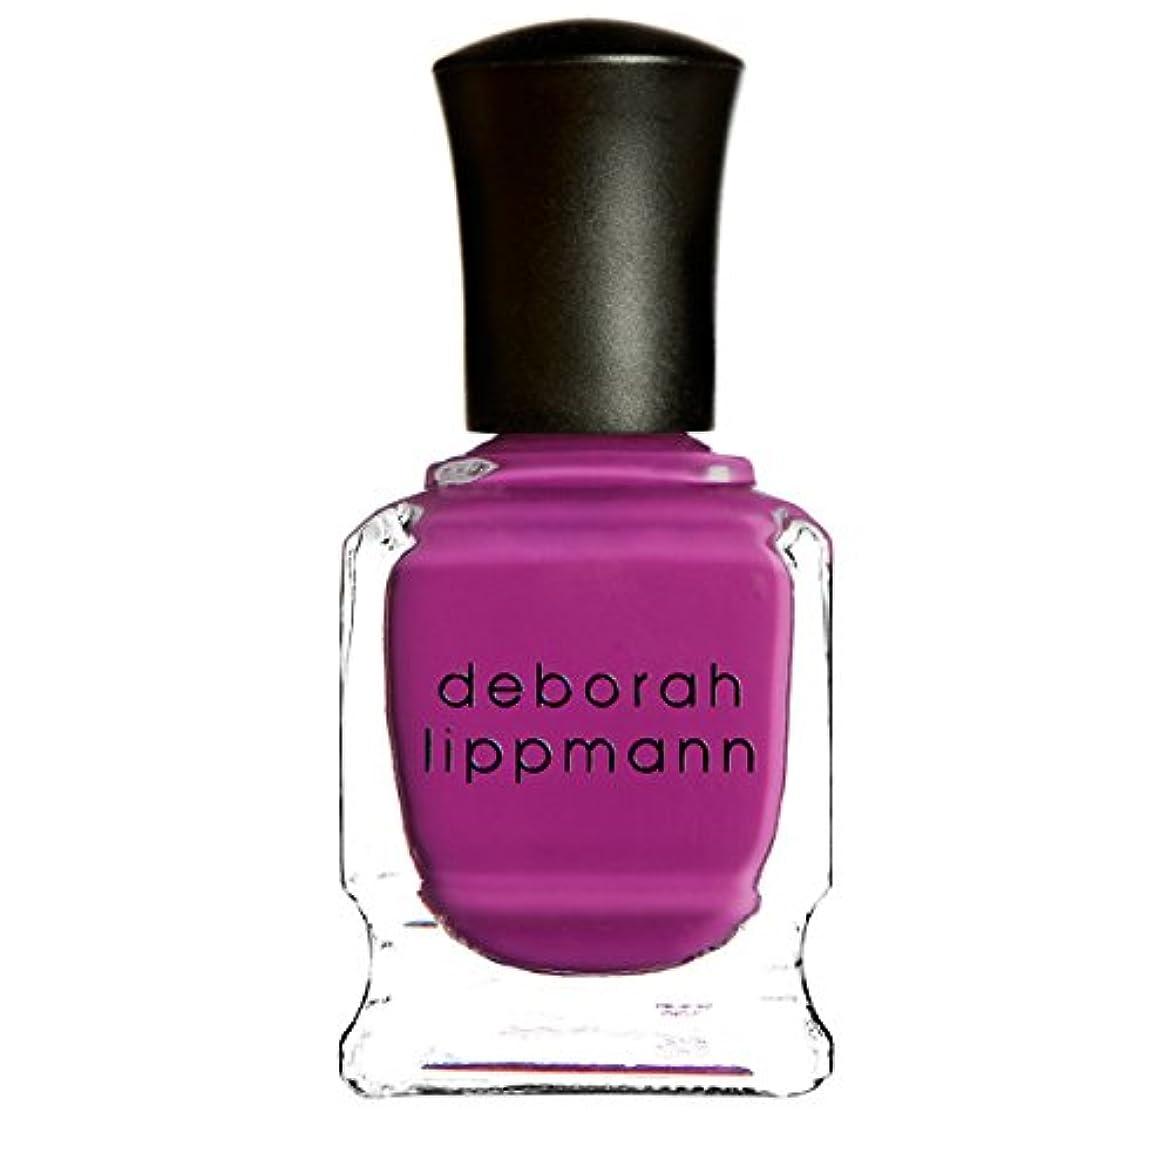 敬意を表する送金満足させる[Deborah Lippmann] デボラリップマン ポリッシュ ピンク系 15mL (ビトゥイーン ザ シーツ)